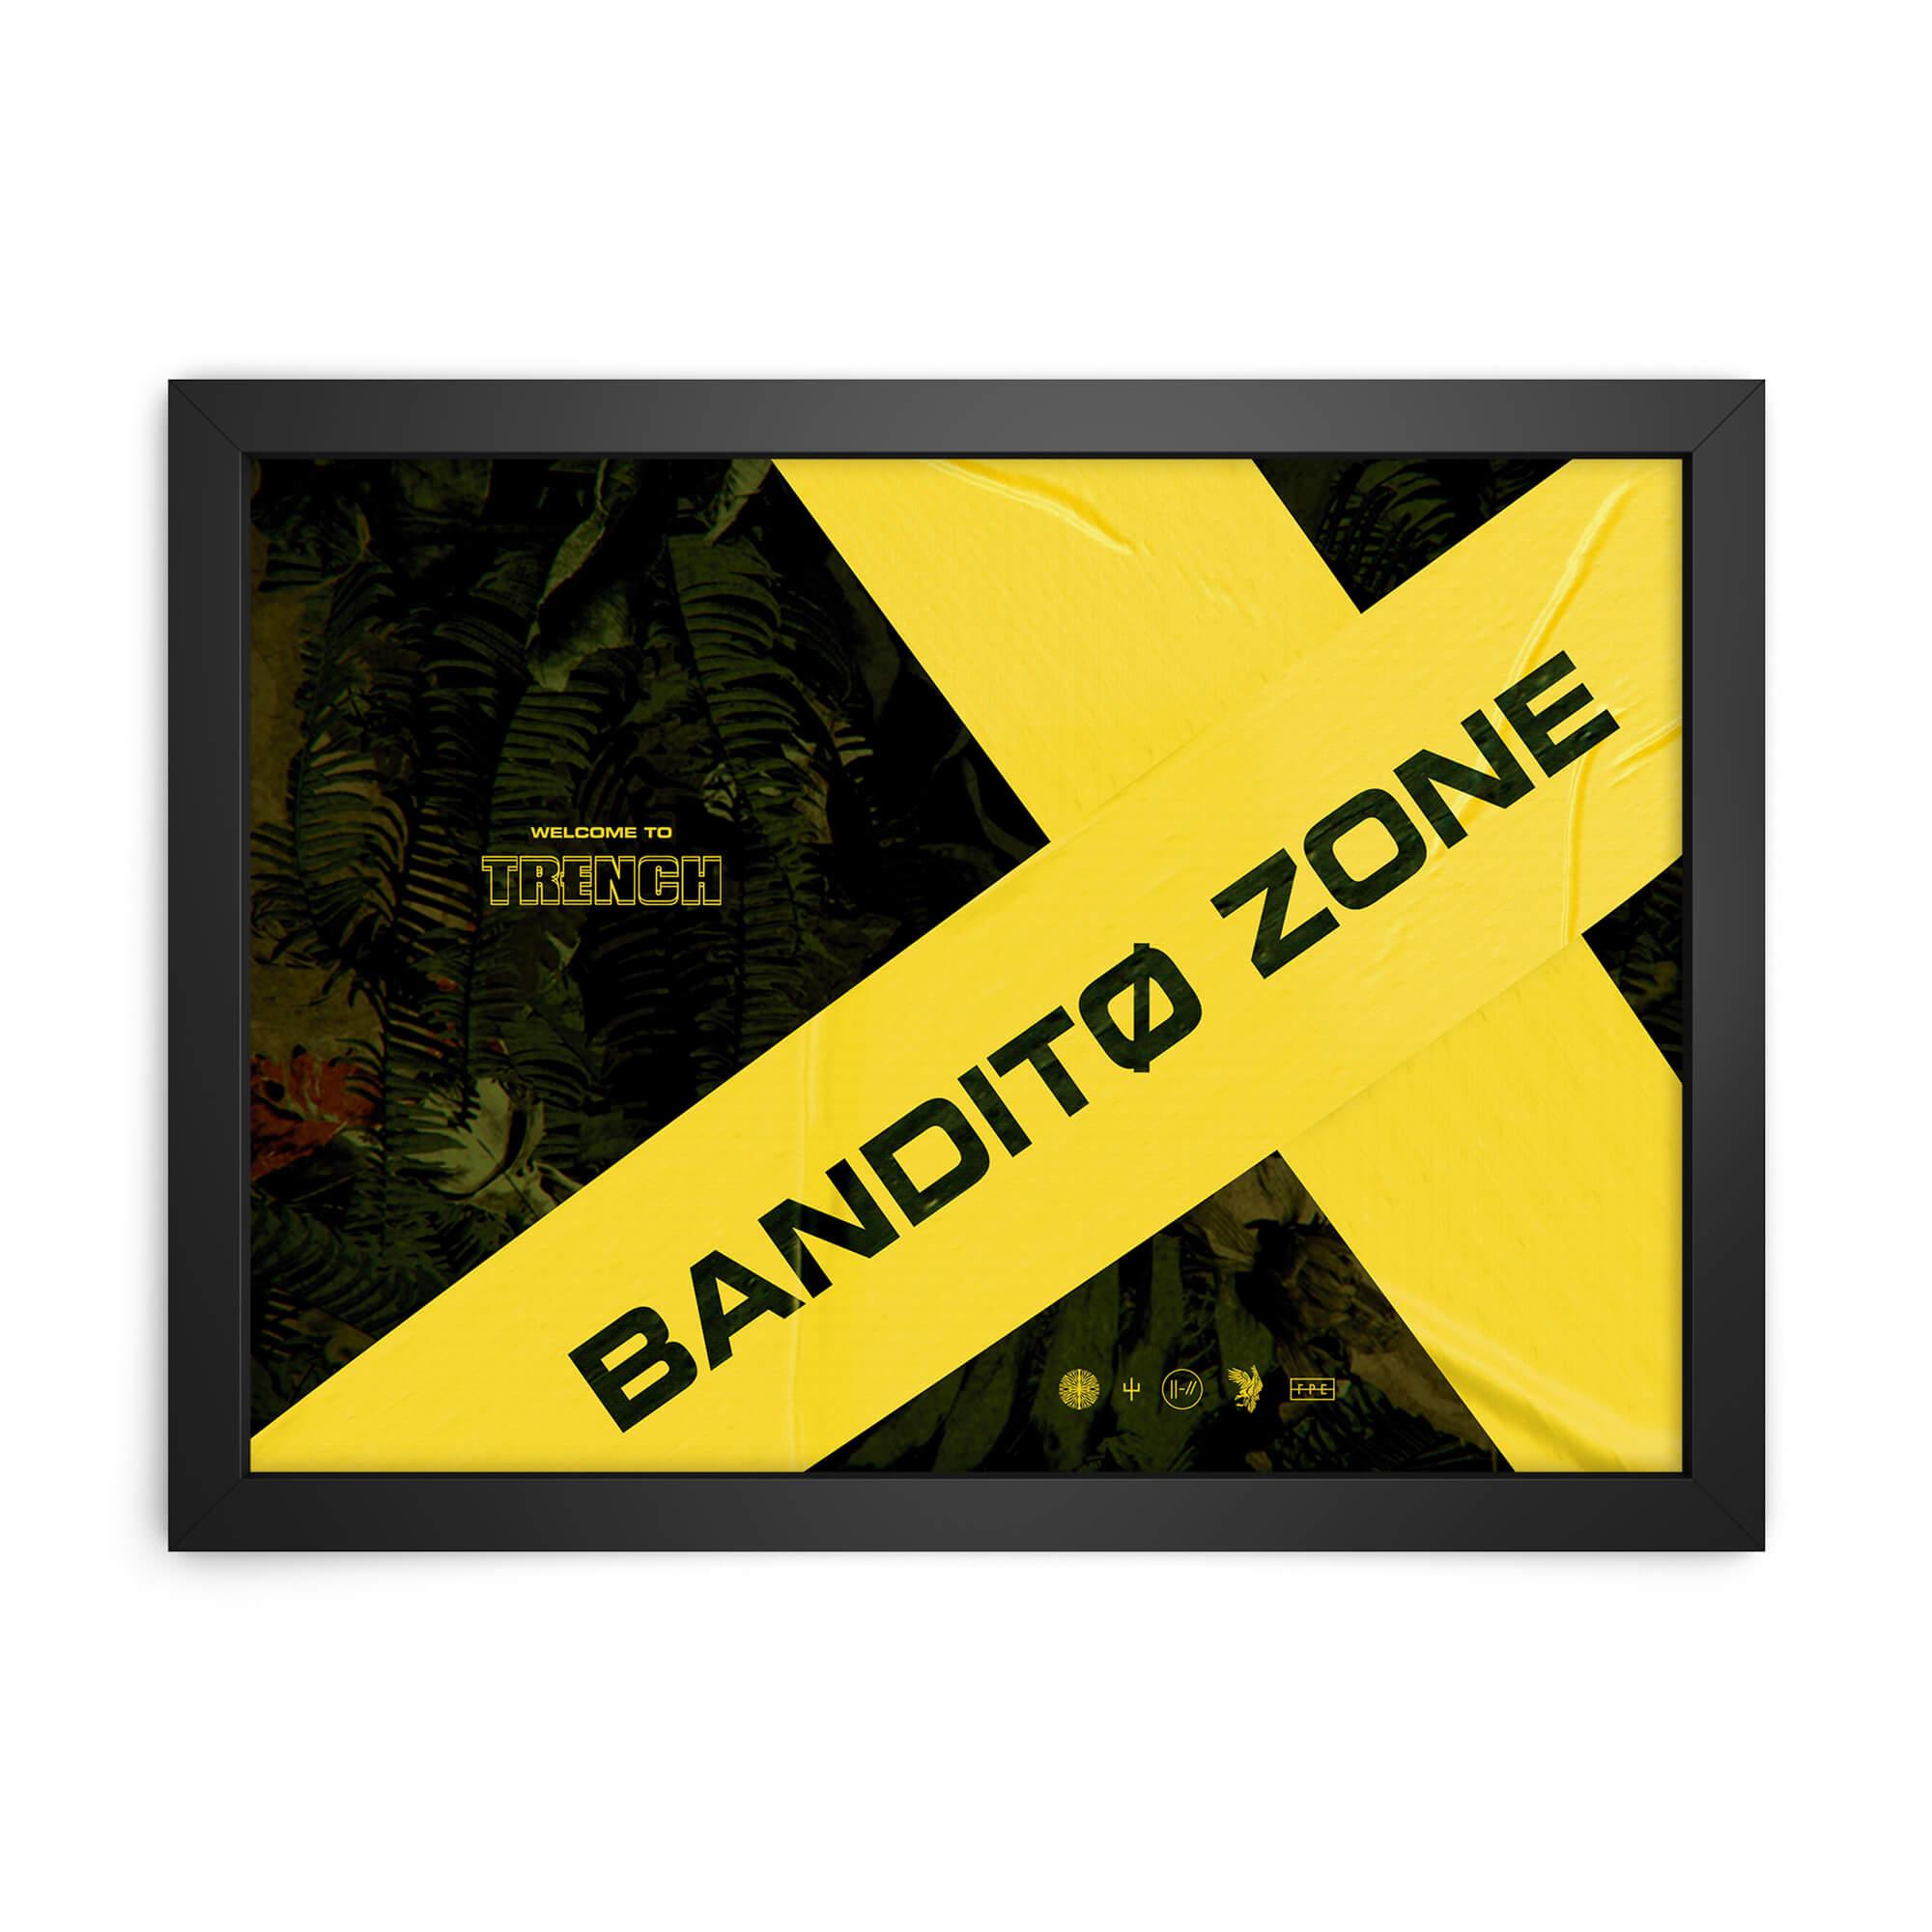 QUADRO DECORATIVO BANDITO ZONE  - Pôster no Quadro